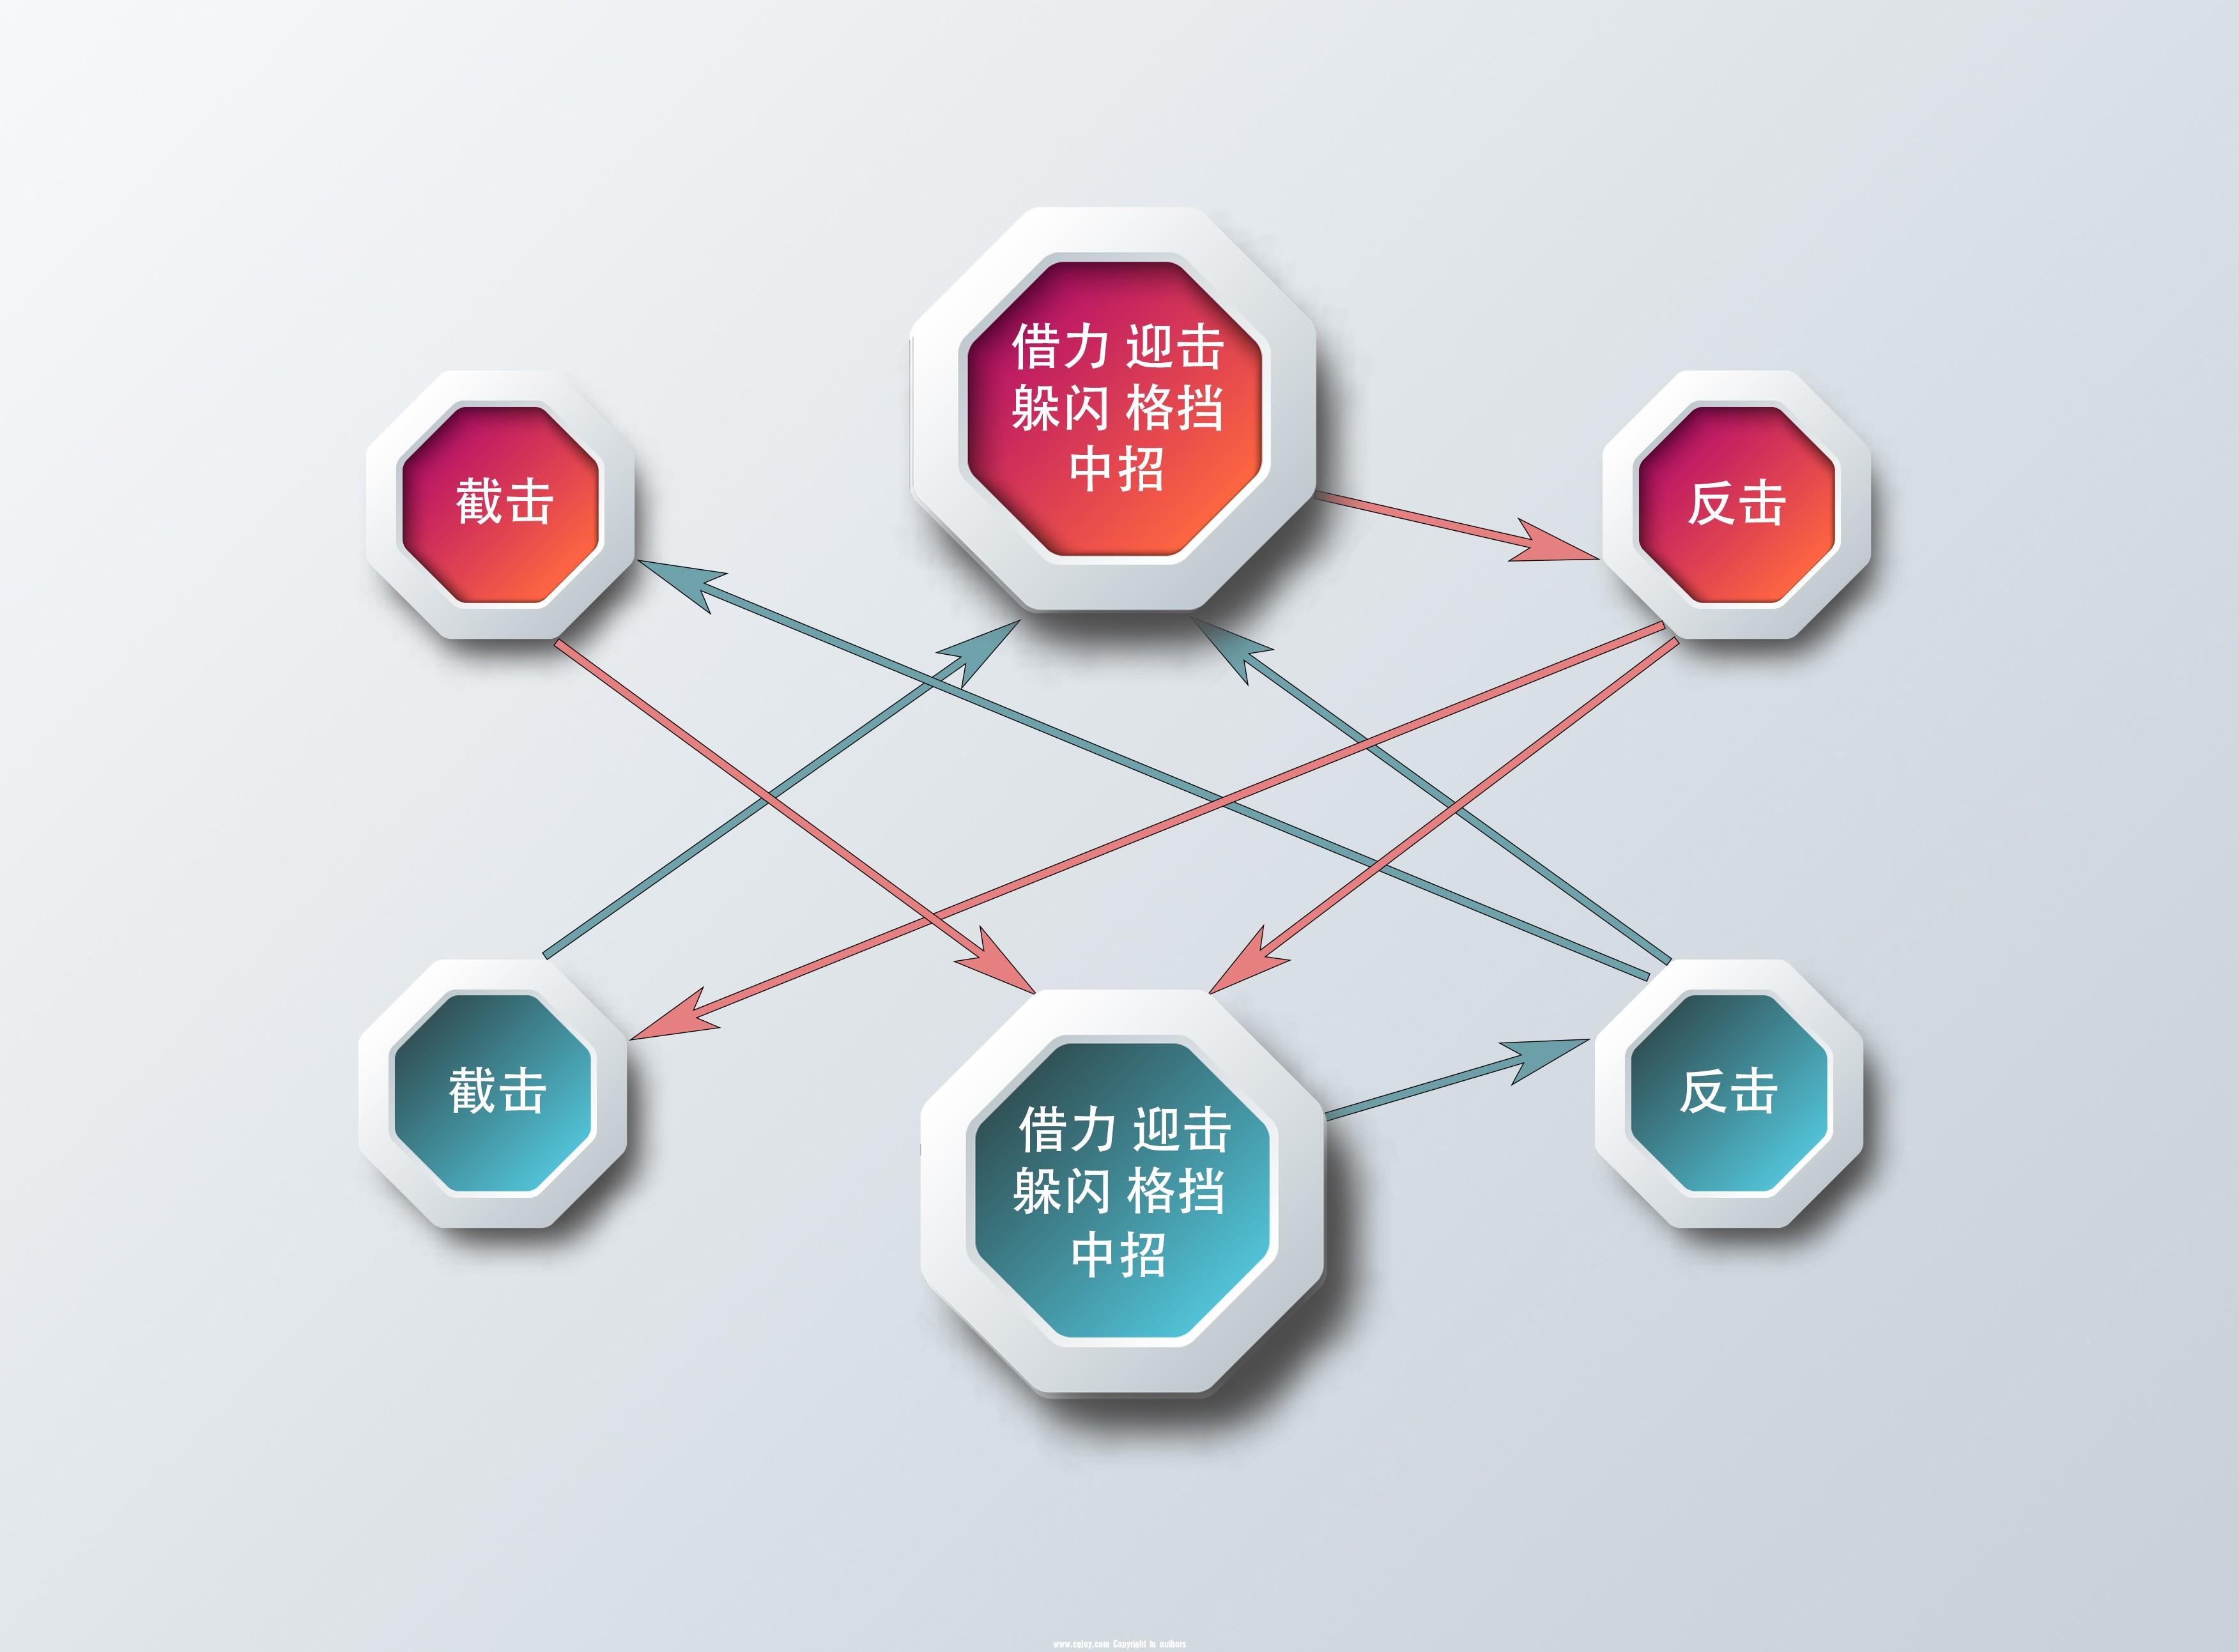 中文5.jpg